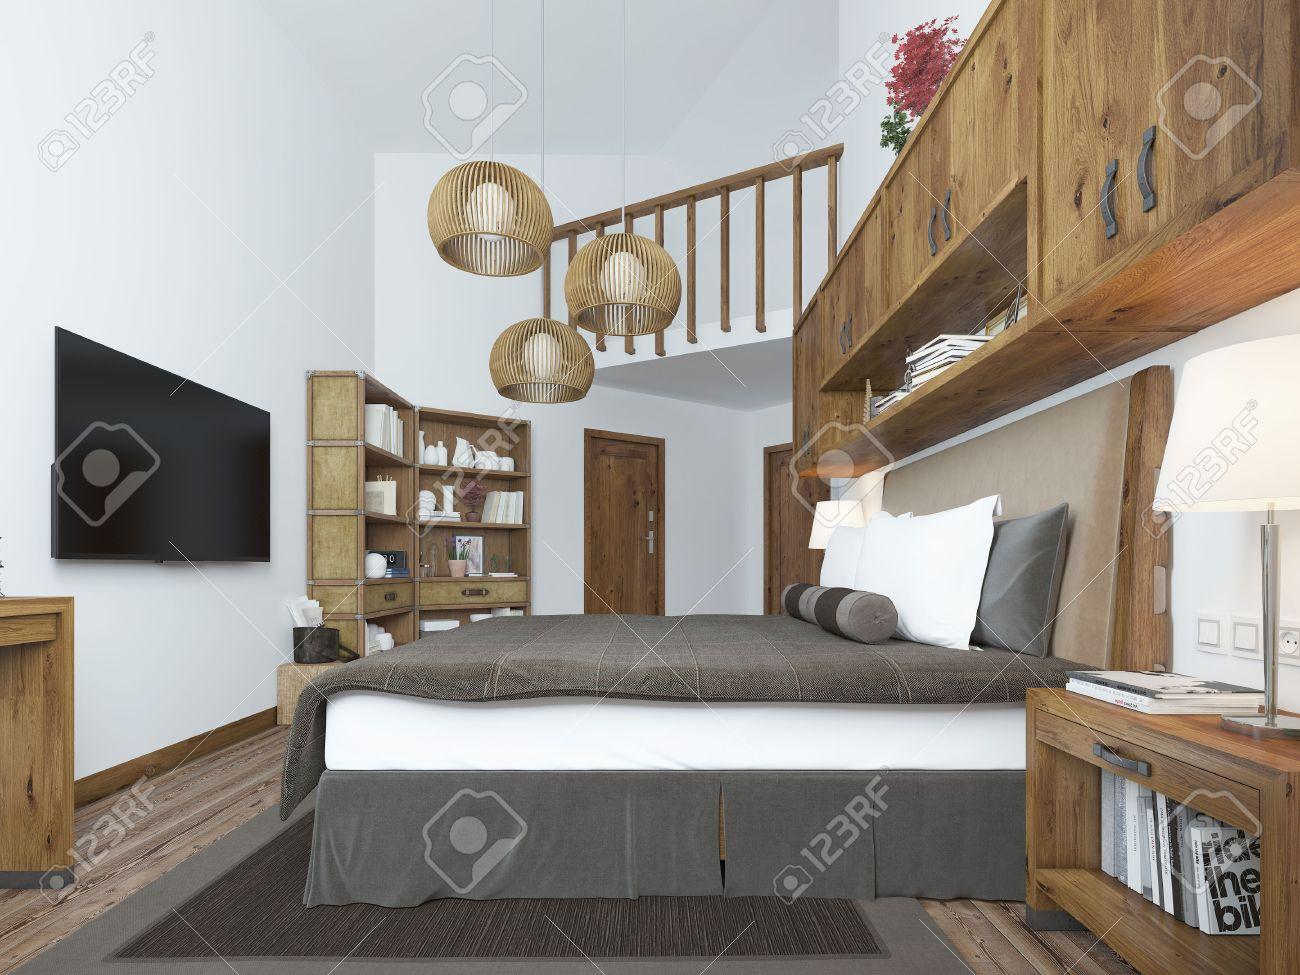 Gran Dormitorio En Estilo Moderno Con Elementos De Un Loft Rústico ...